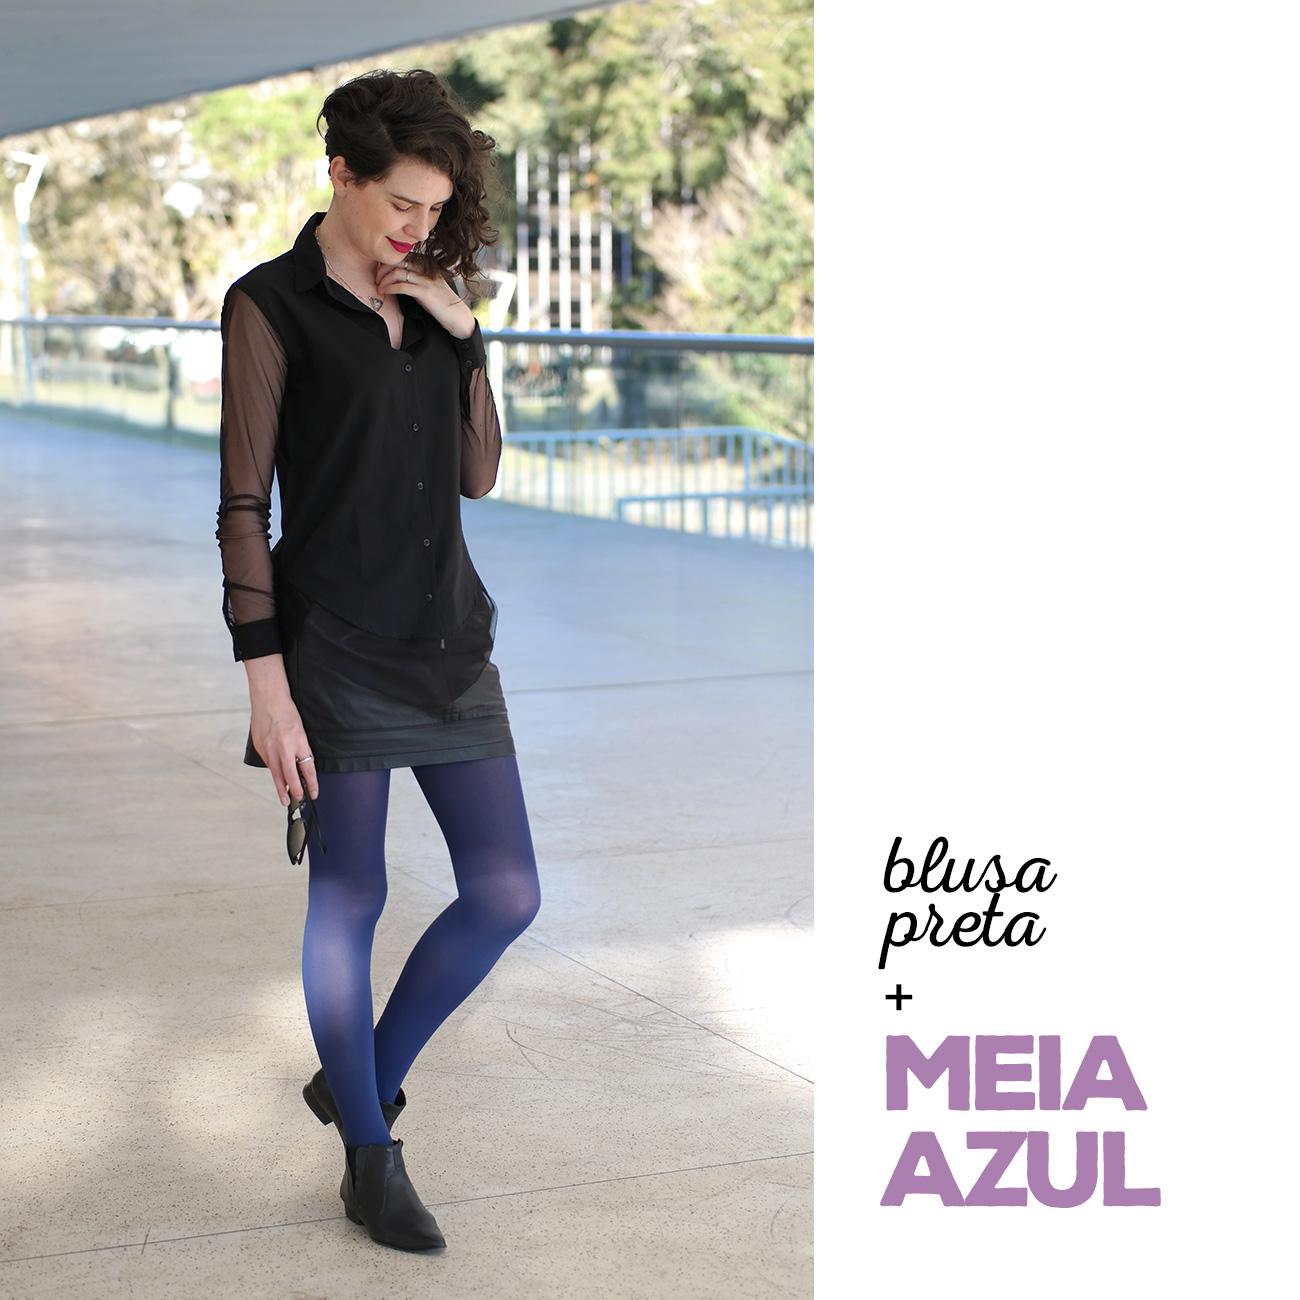 blusa-preta-meia-azul